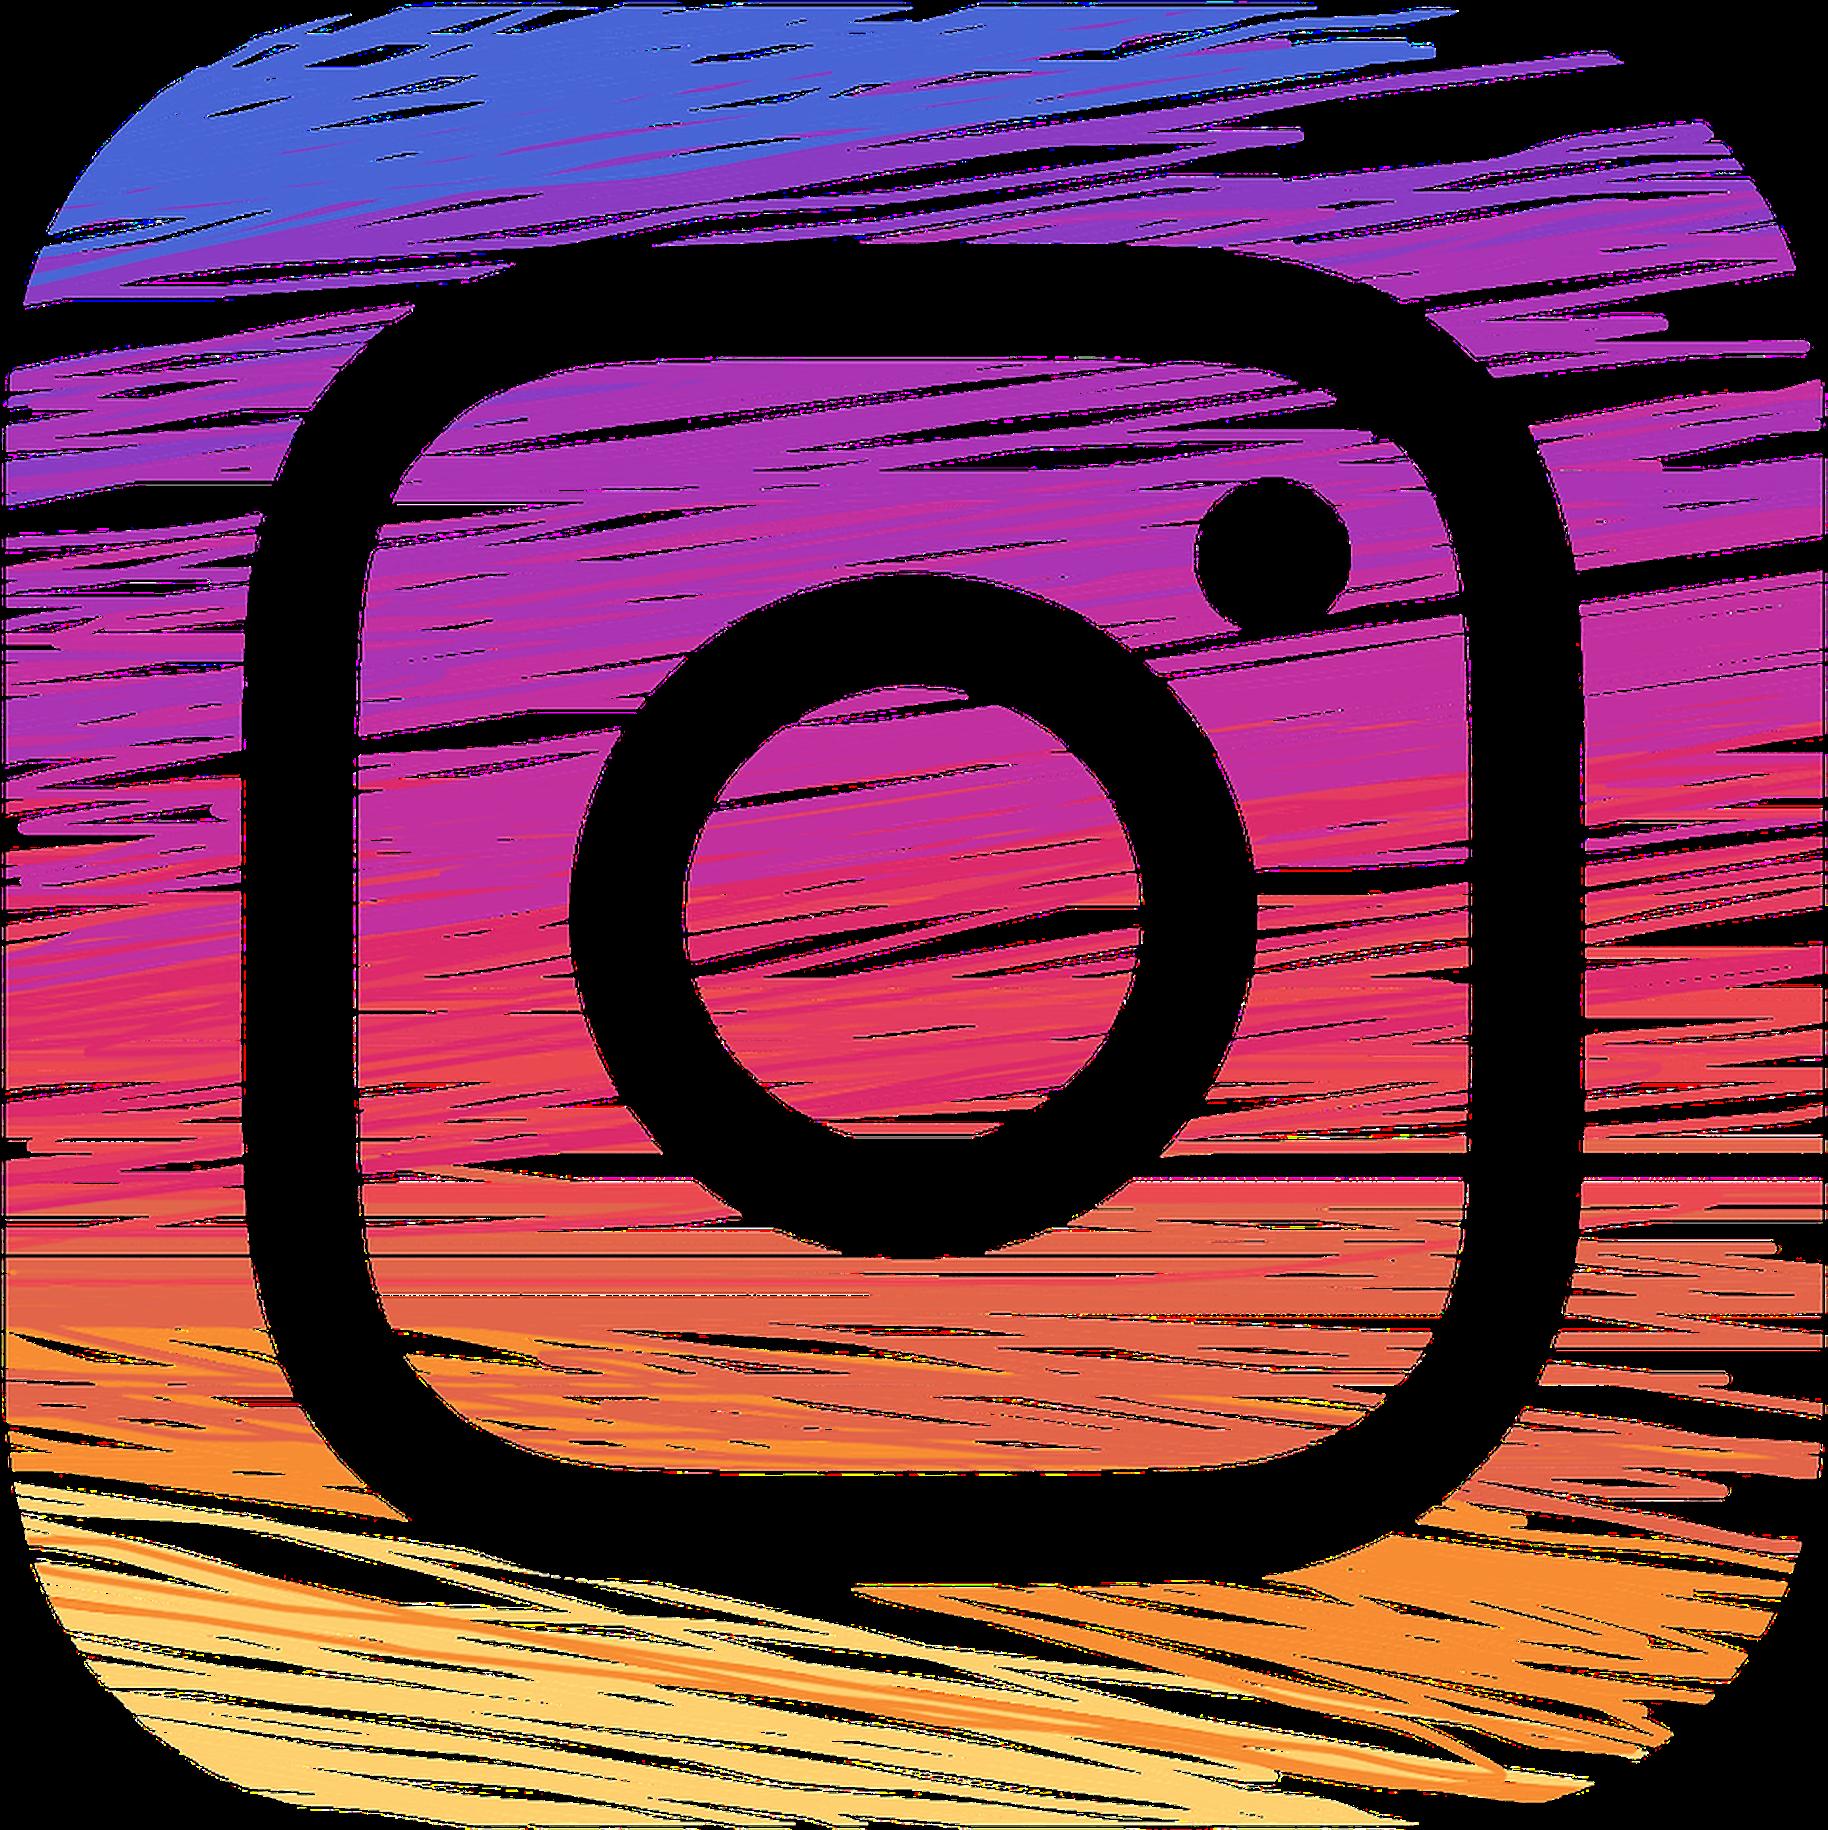 Download Instagram Png Transparent Background - Instagram ...